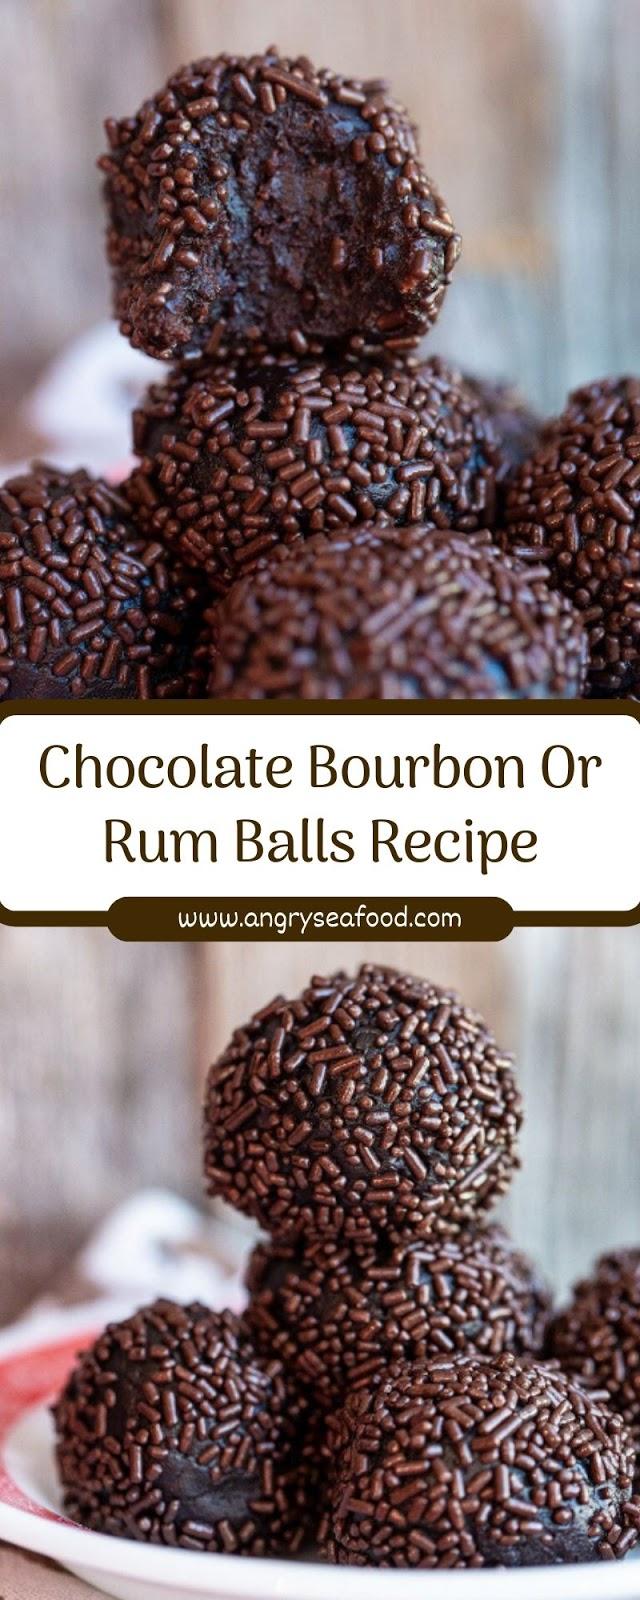 Chocolate Bourbon Or Rum Balls Recipe